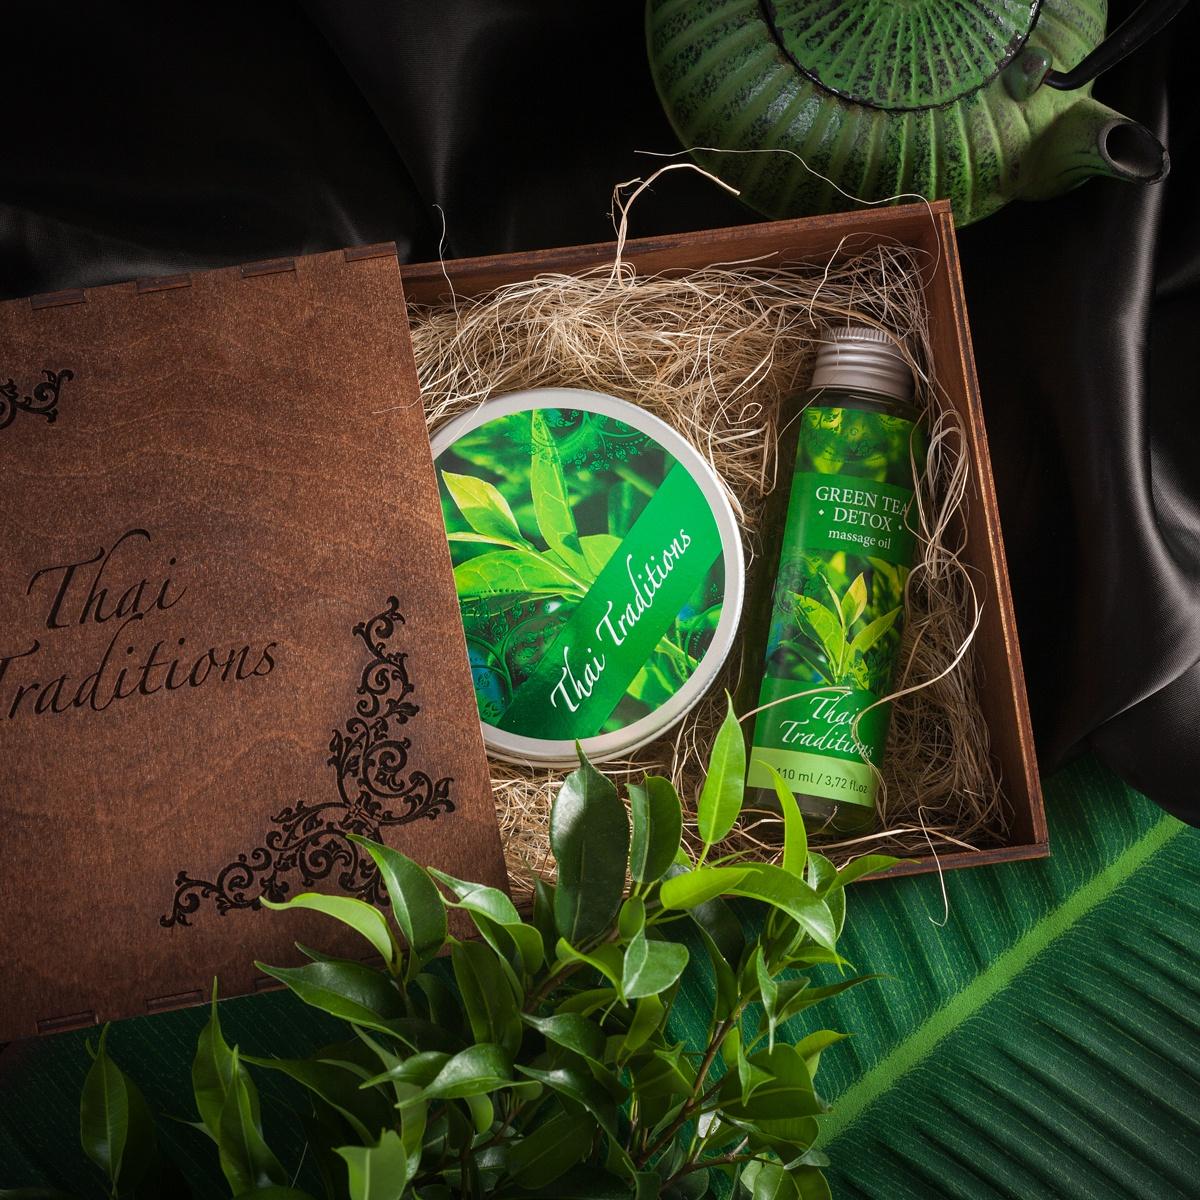 Подарочный набор для тела Thai Traditions Зеленый Чай Детокс, Массажное масло, 110 мл + Скраб-гель для тела, 200 мл подарочный чай для работников загса зеленый